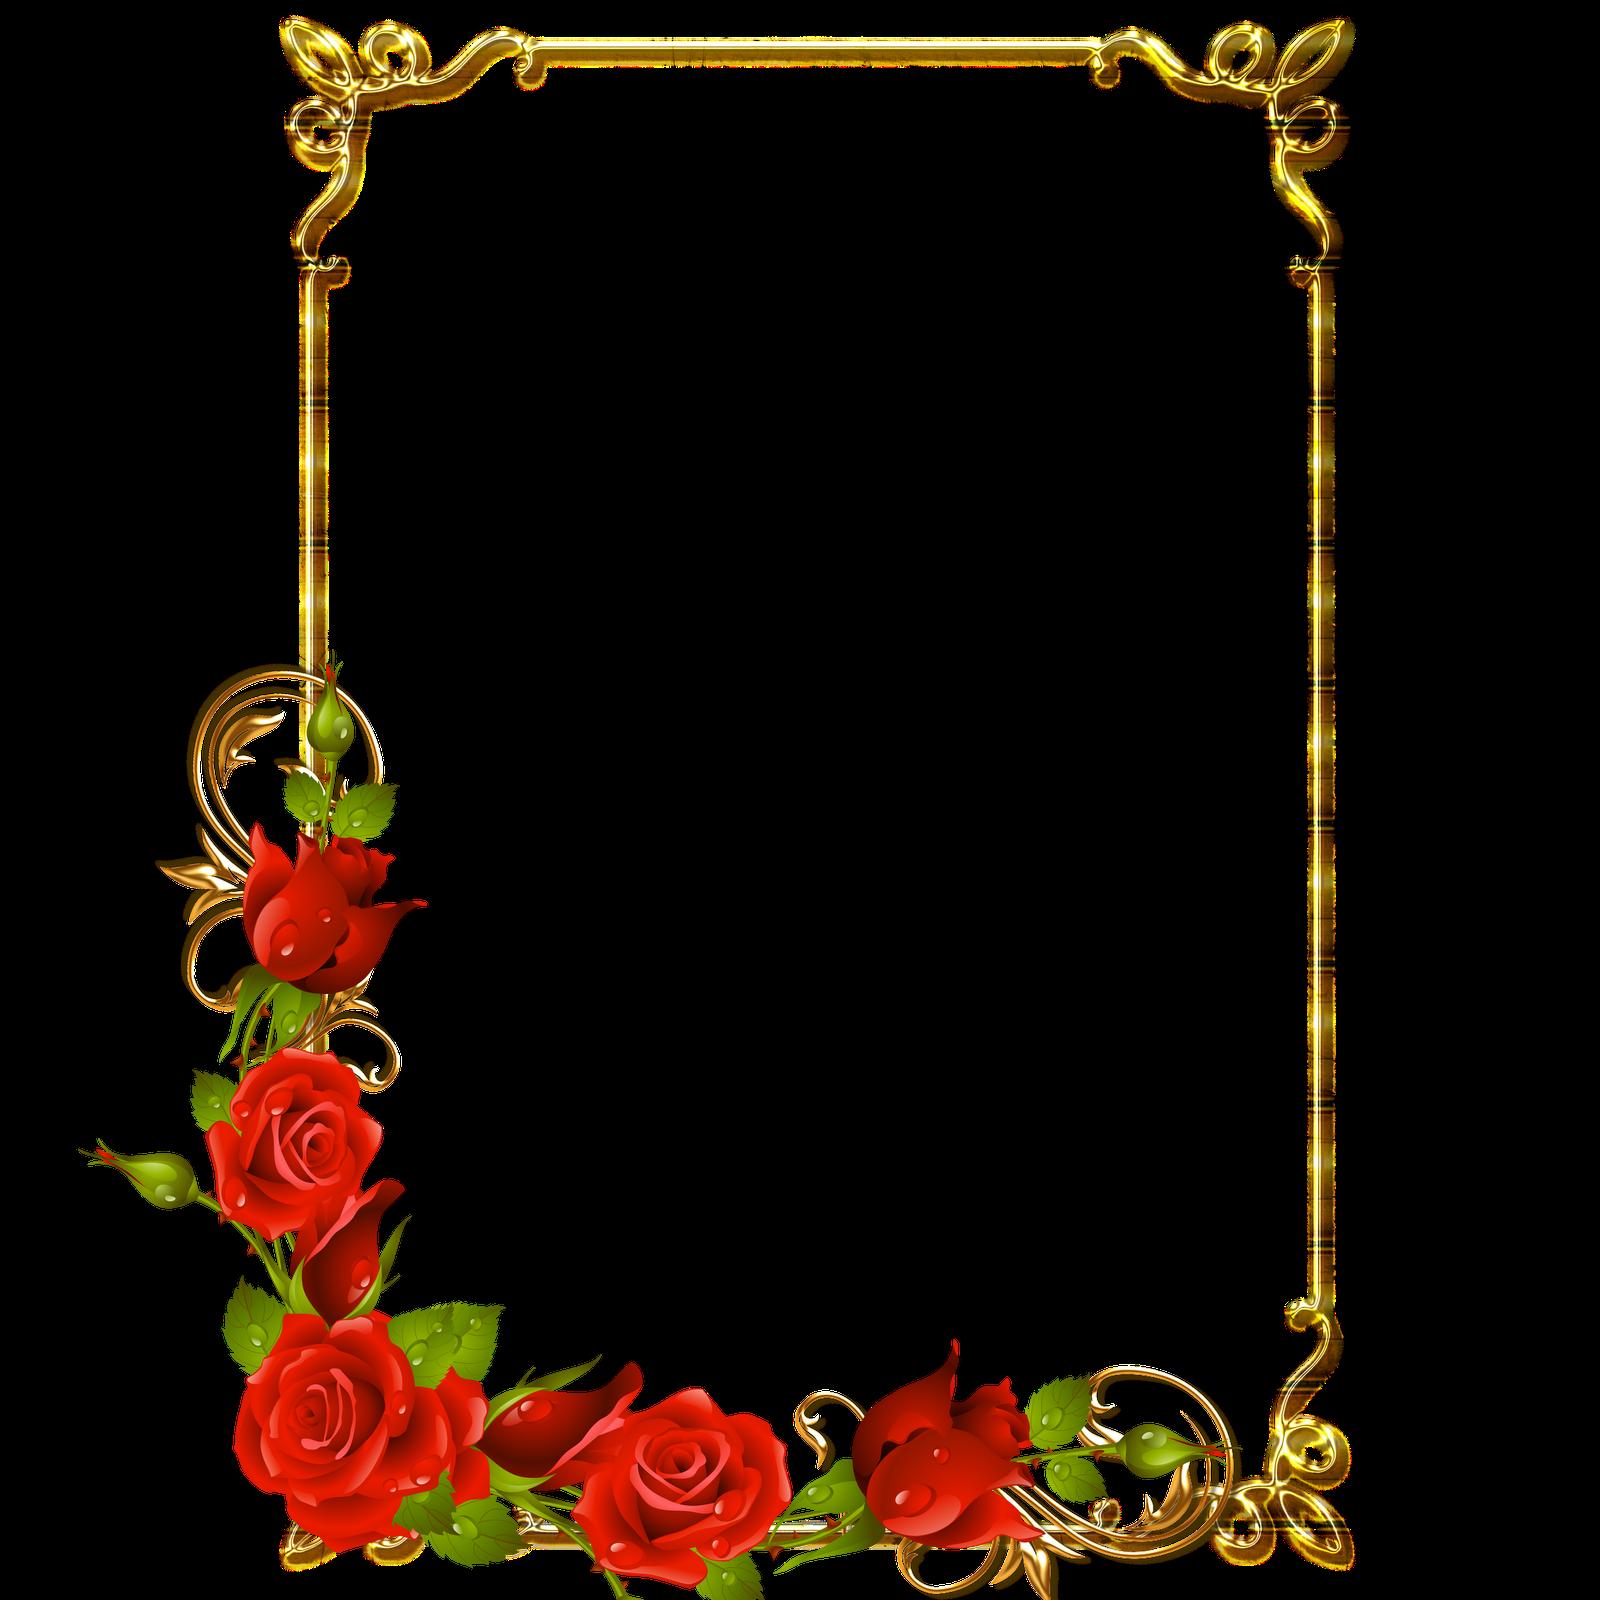 Frames PNG douradas com rosa vermelhas | Imagens Png fundo ...